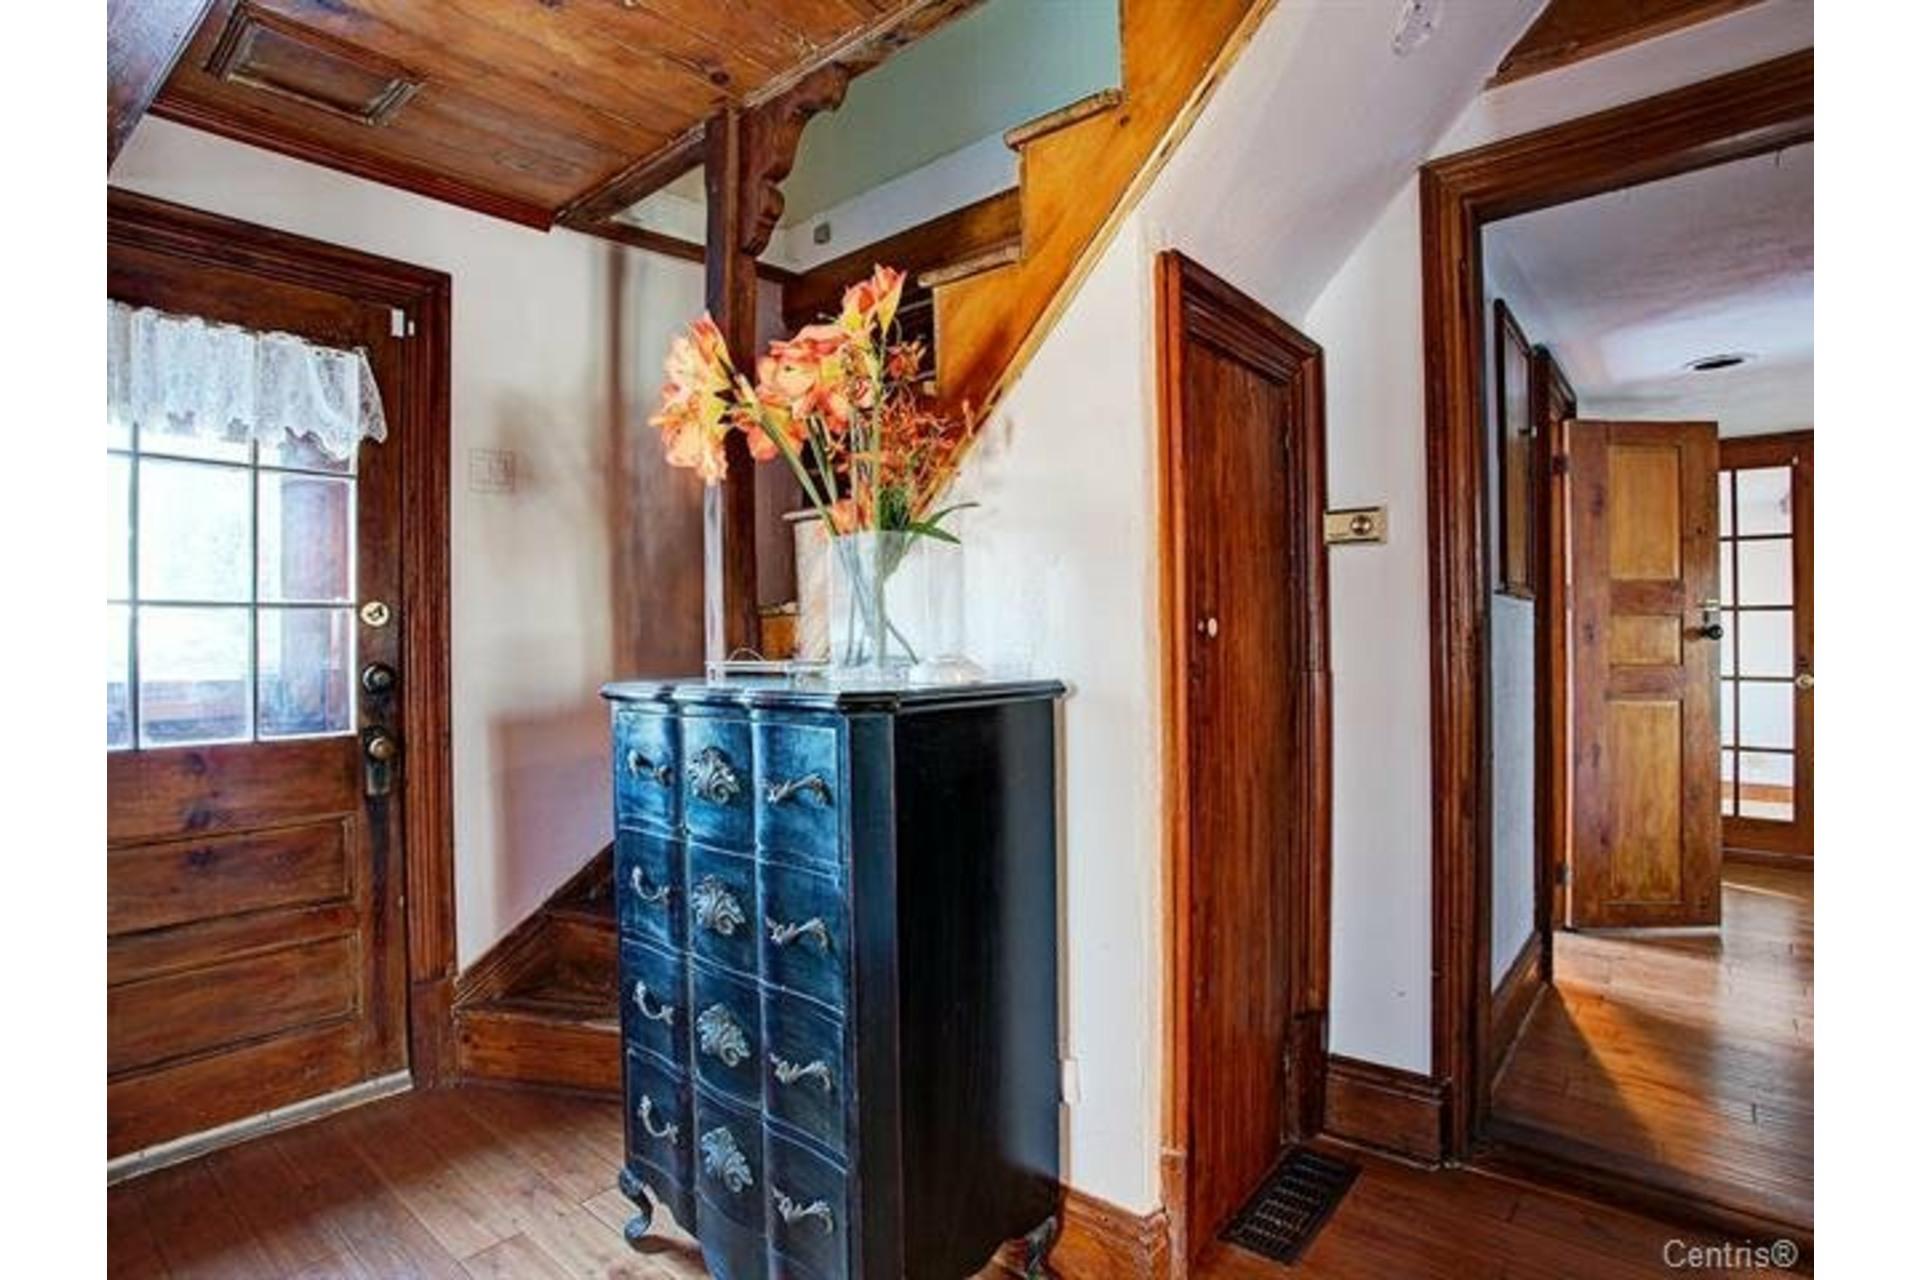 image 3 - Maison À louer Vaudreuil-Dorion - 12 pièces